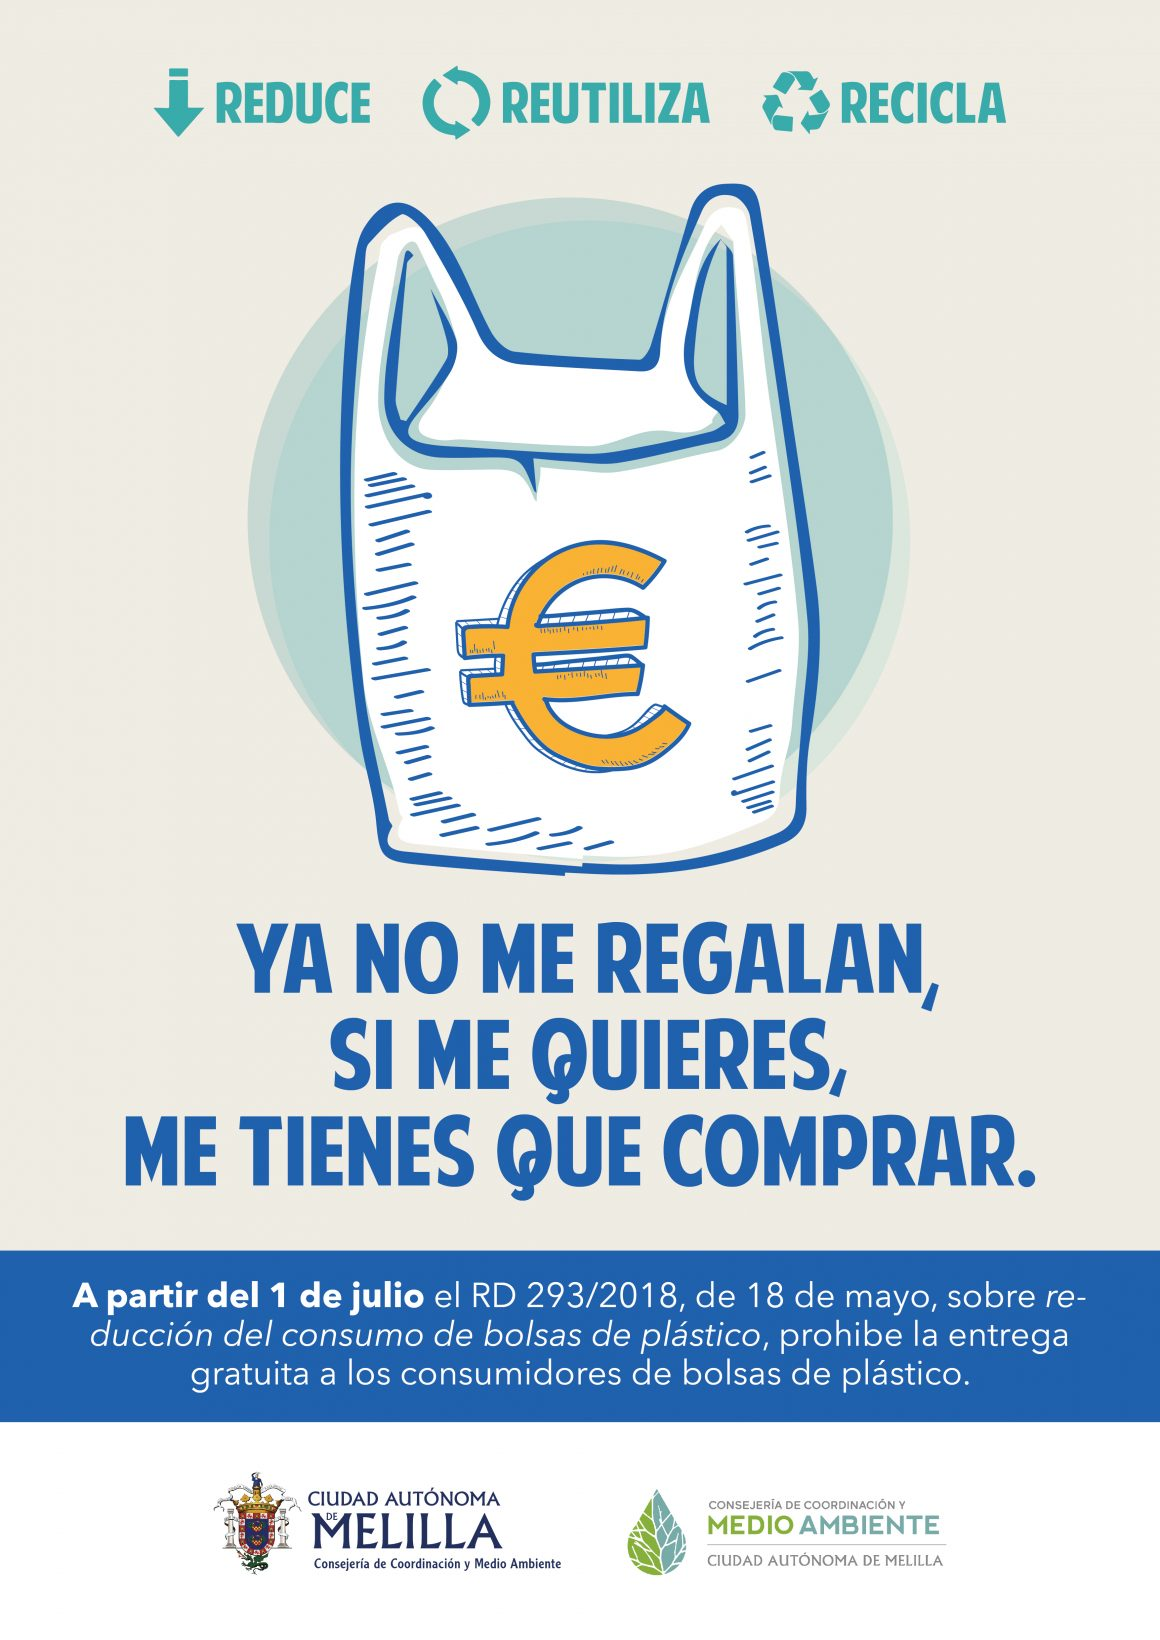 Campaña No Más Bolsas de Plástico